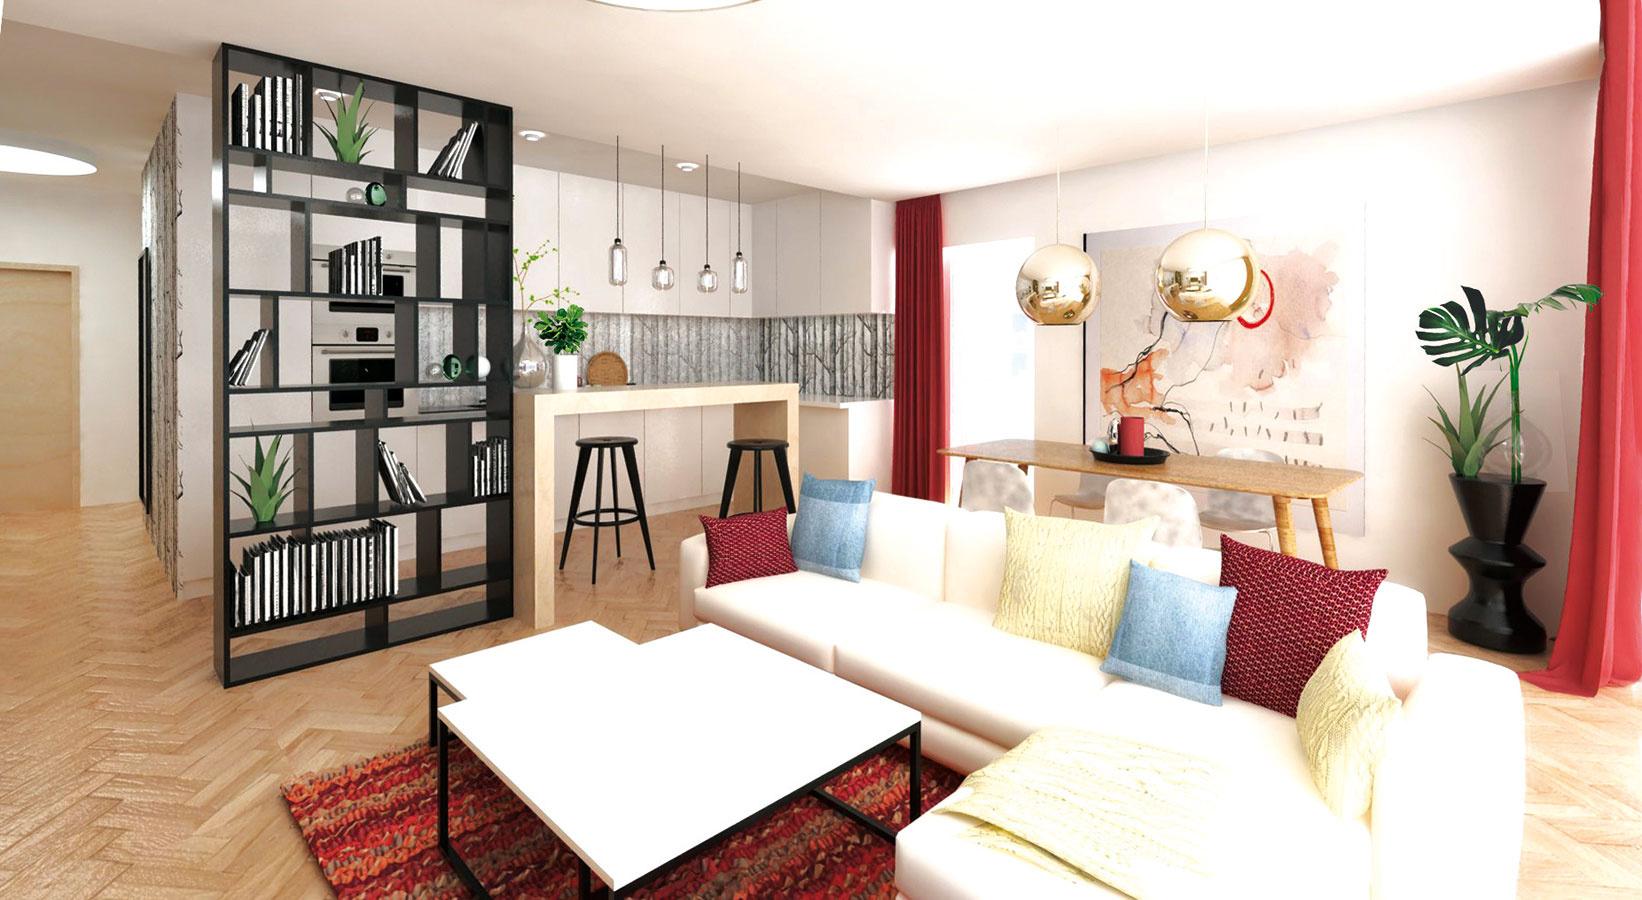 Zeleň v interiéri je plnohodnotnou súčasťou interiérového návrhu. Vytvorí na prázdnych miestach vítané akcenty.